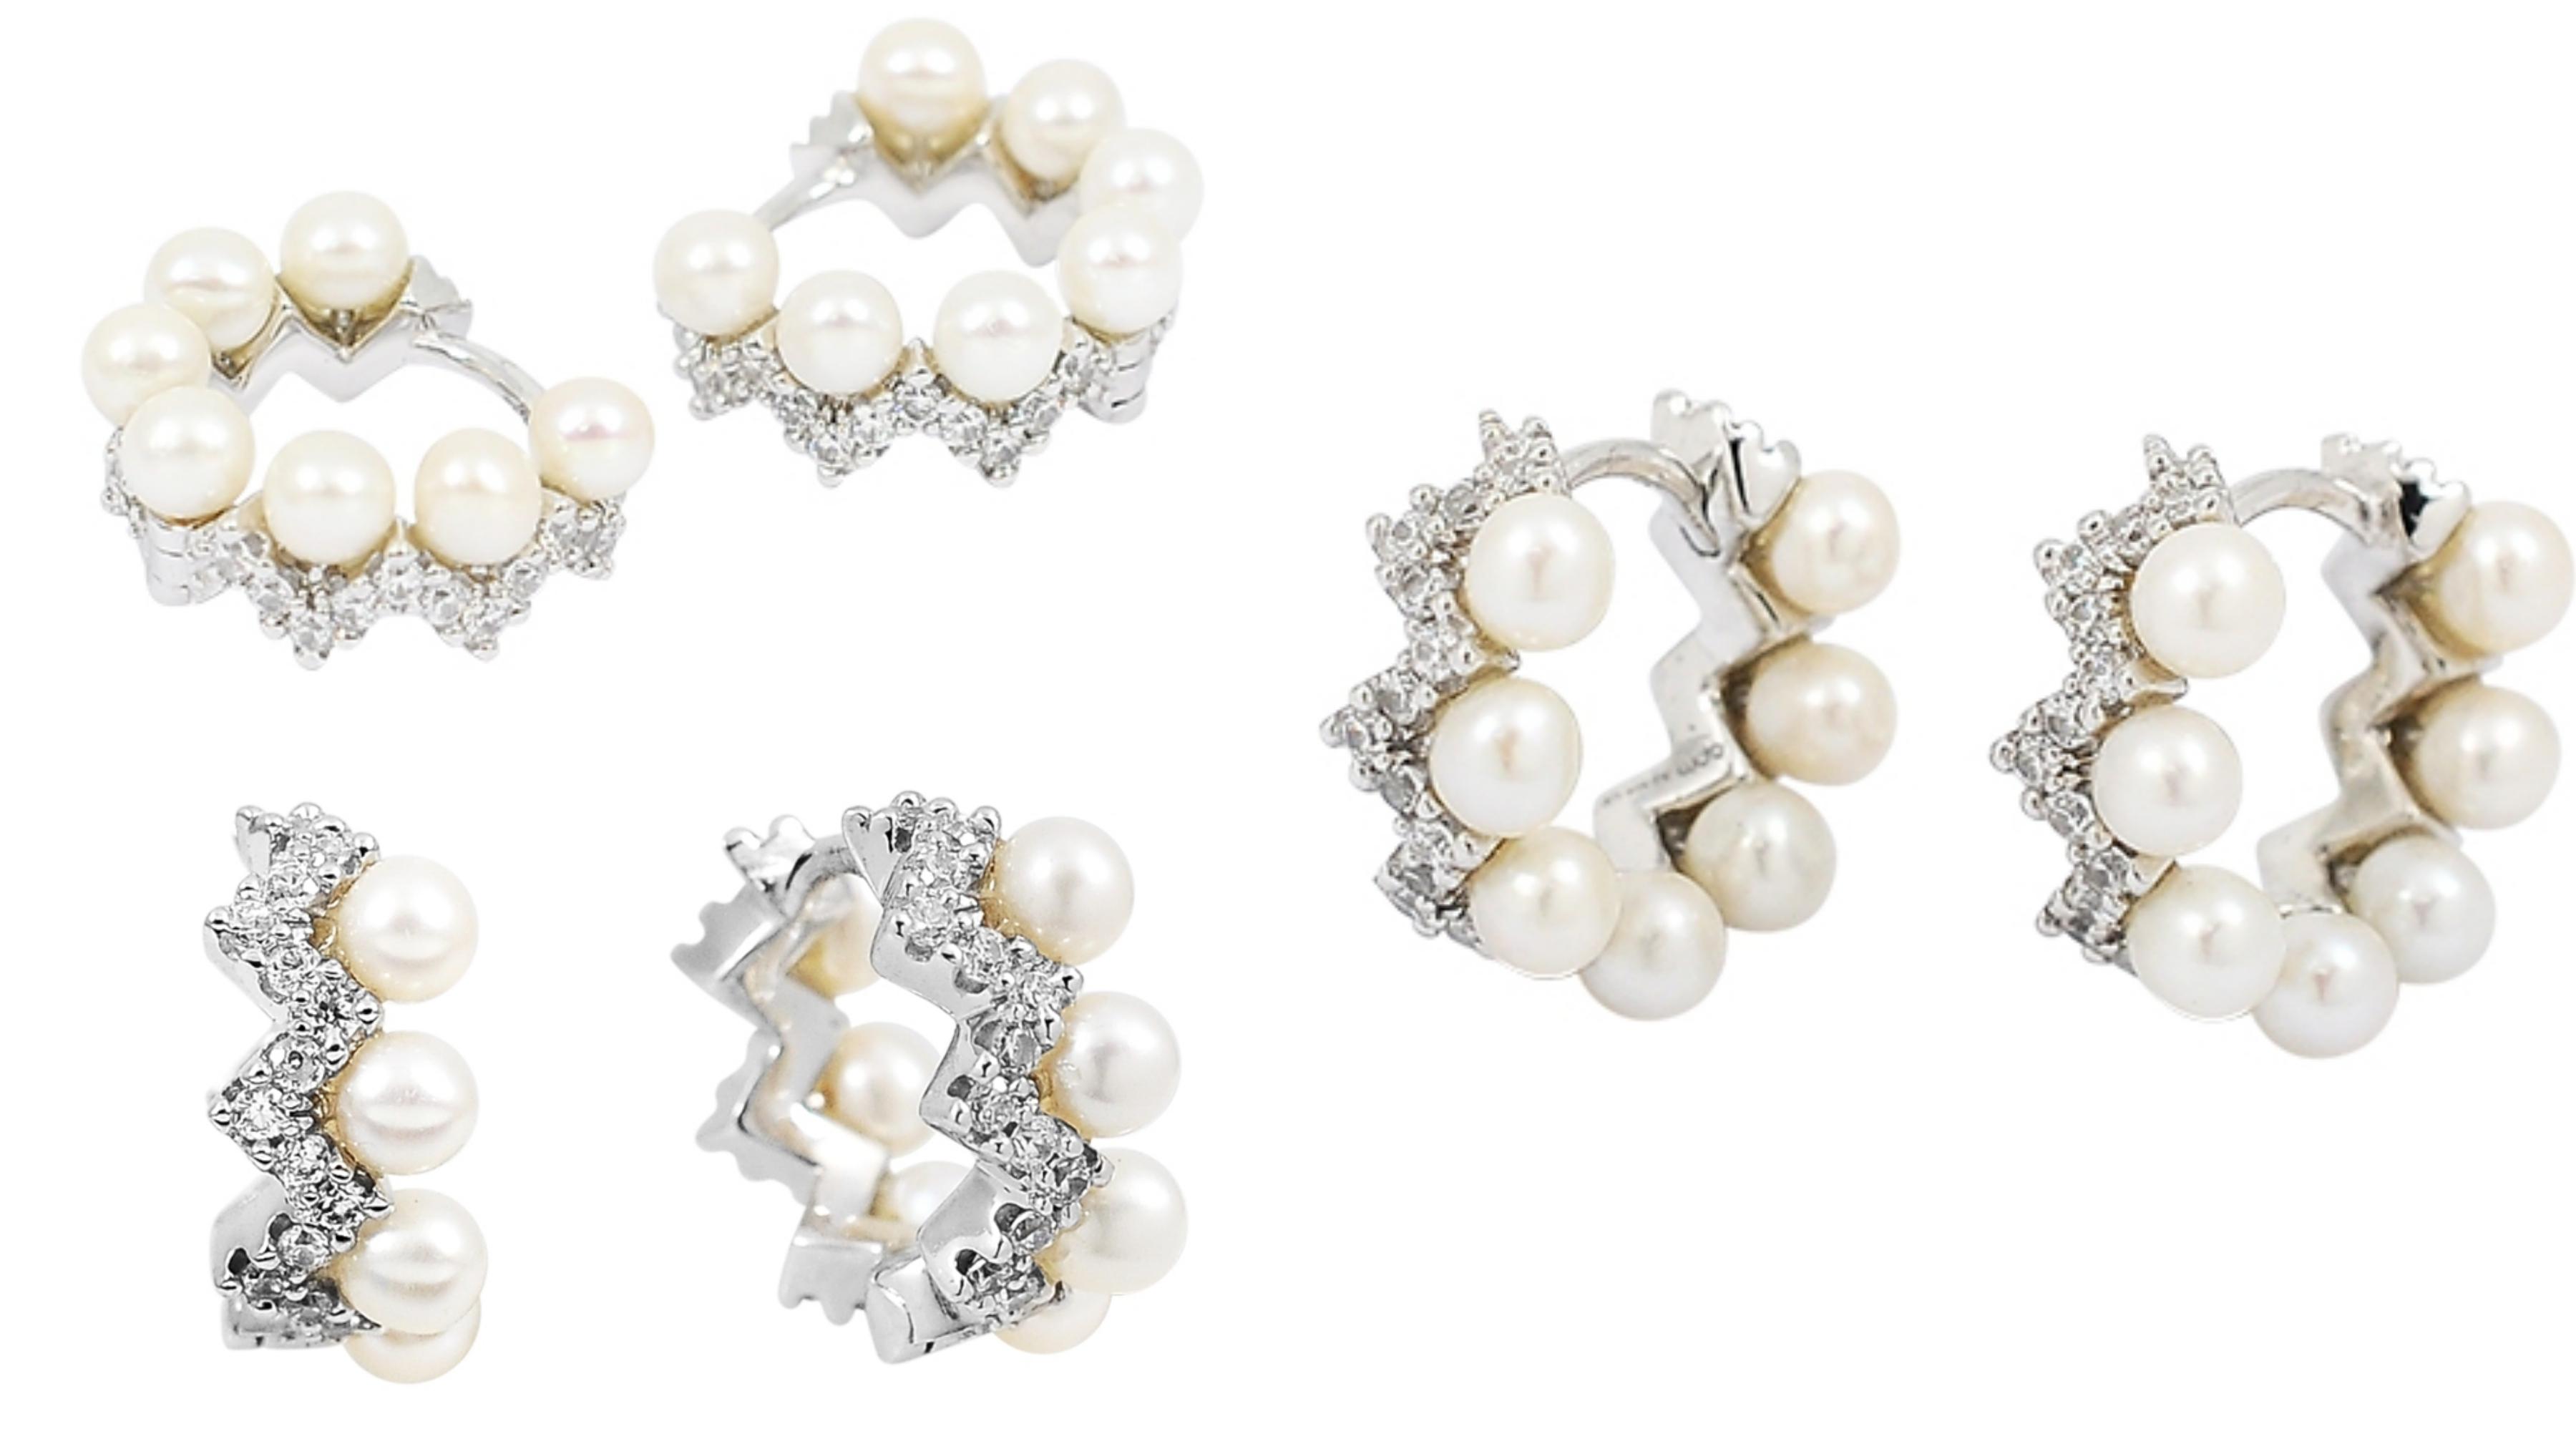 鑲嵌珍珠水鑽等高級珠寶,閃爍奢華迷人的光采